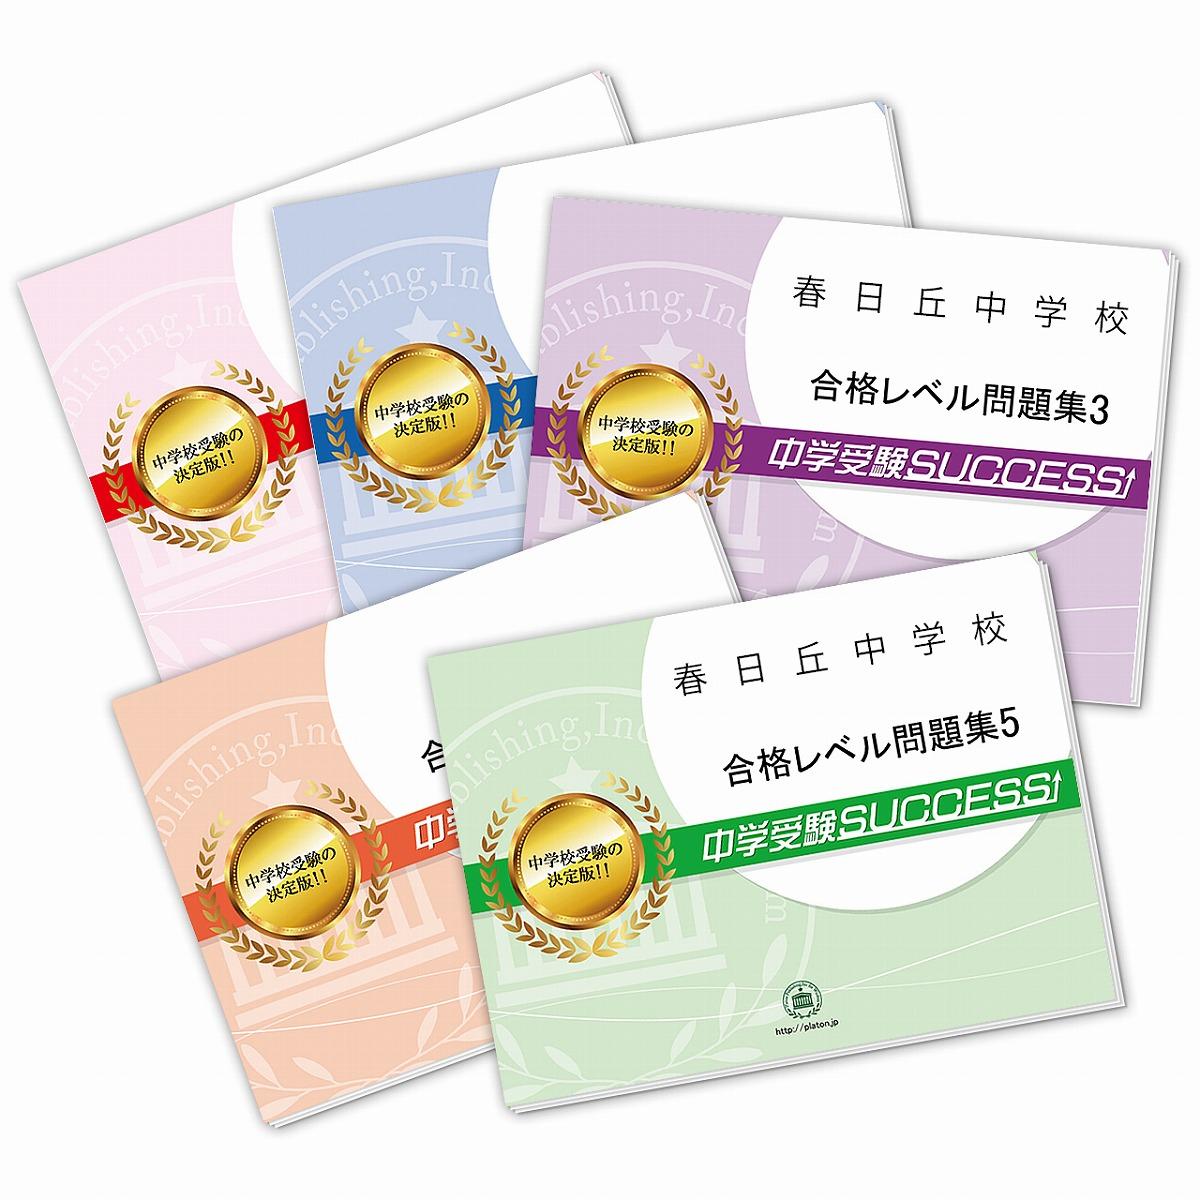 【送料・代引手数料無料】春日丘中学校・直前対策合格セット(5冊)